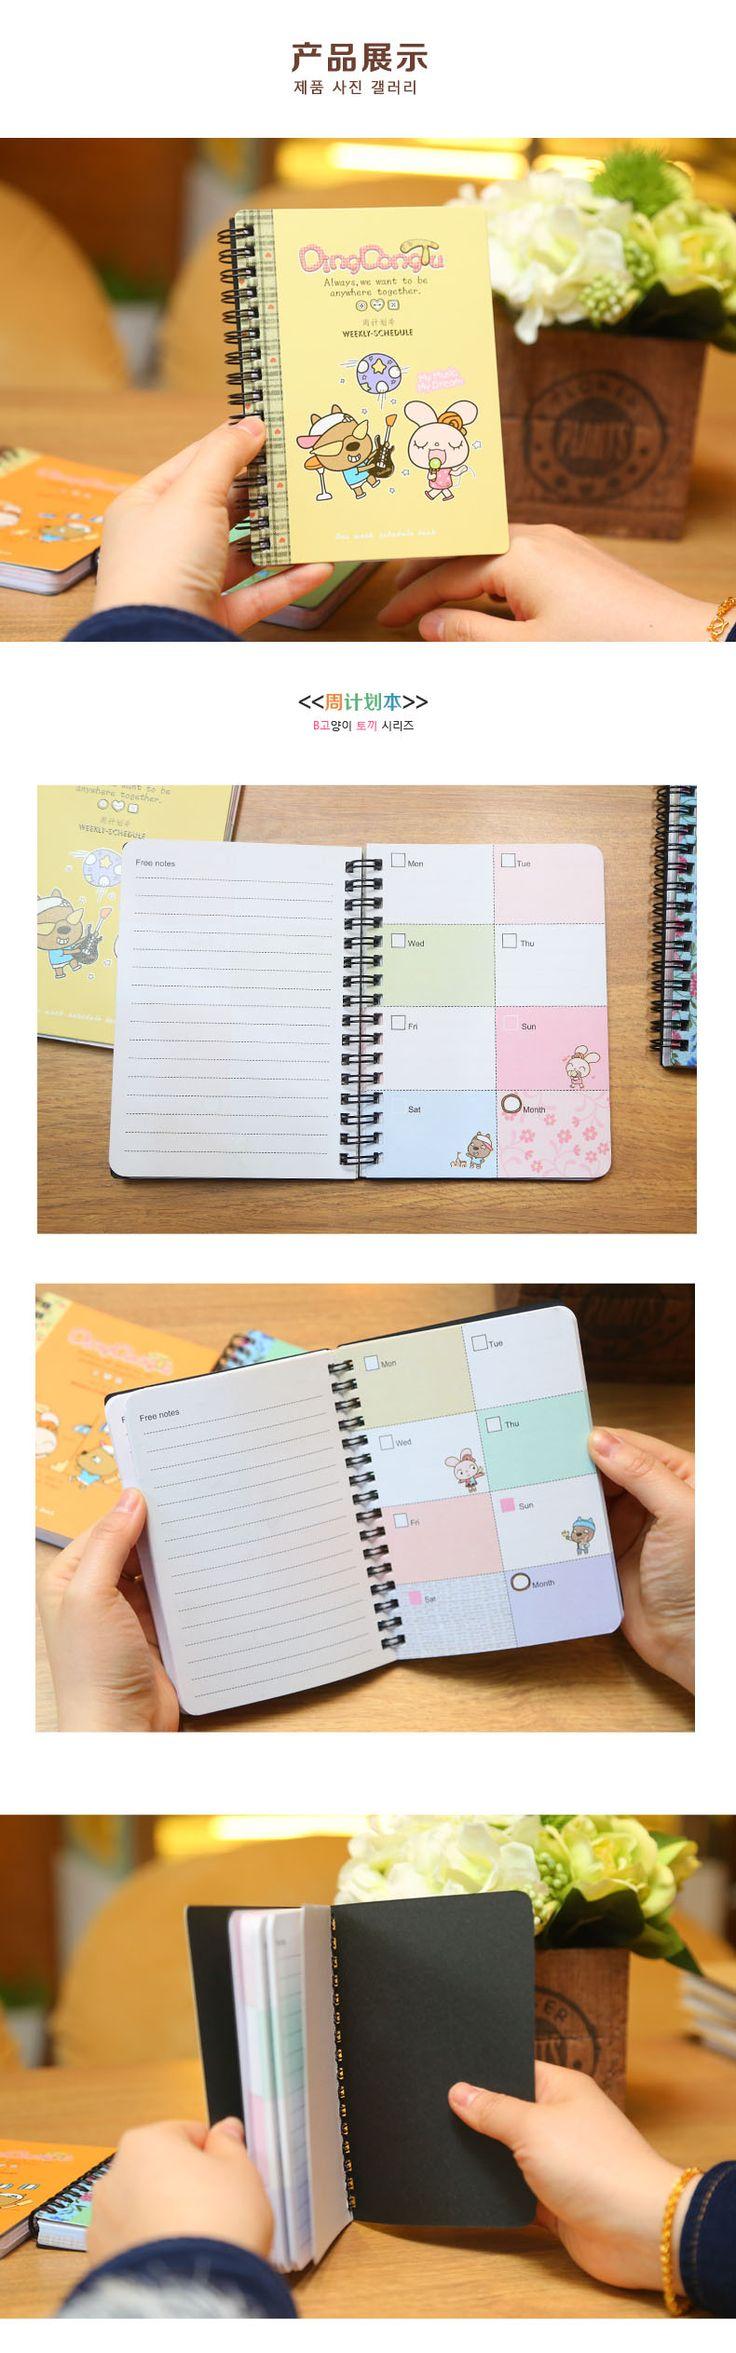 papelería cuaderno de golpe el a6 bobina espiral diario libreta tsmip envío gratis